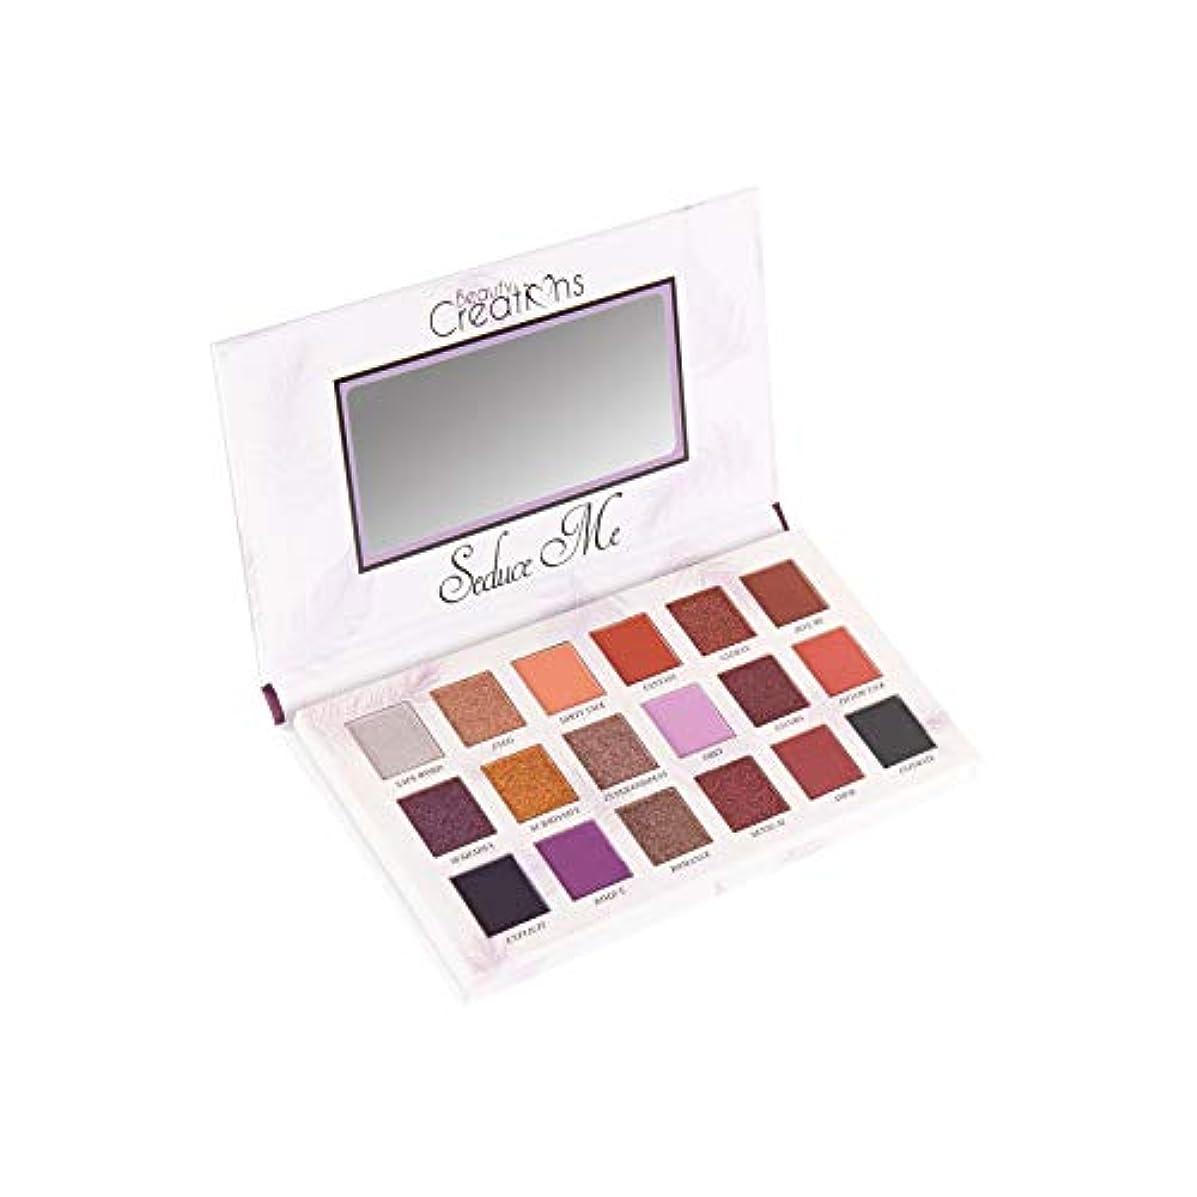 魅力的であることへのアピール出力ちっちゃい(6 Pack) BEAUTY CREATIONS Seduce Me Eyeshadow Palette (並行輸入品)